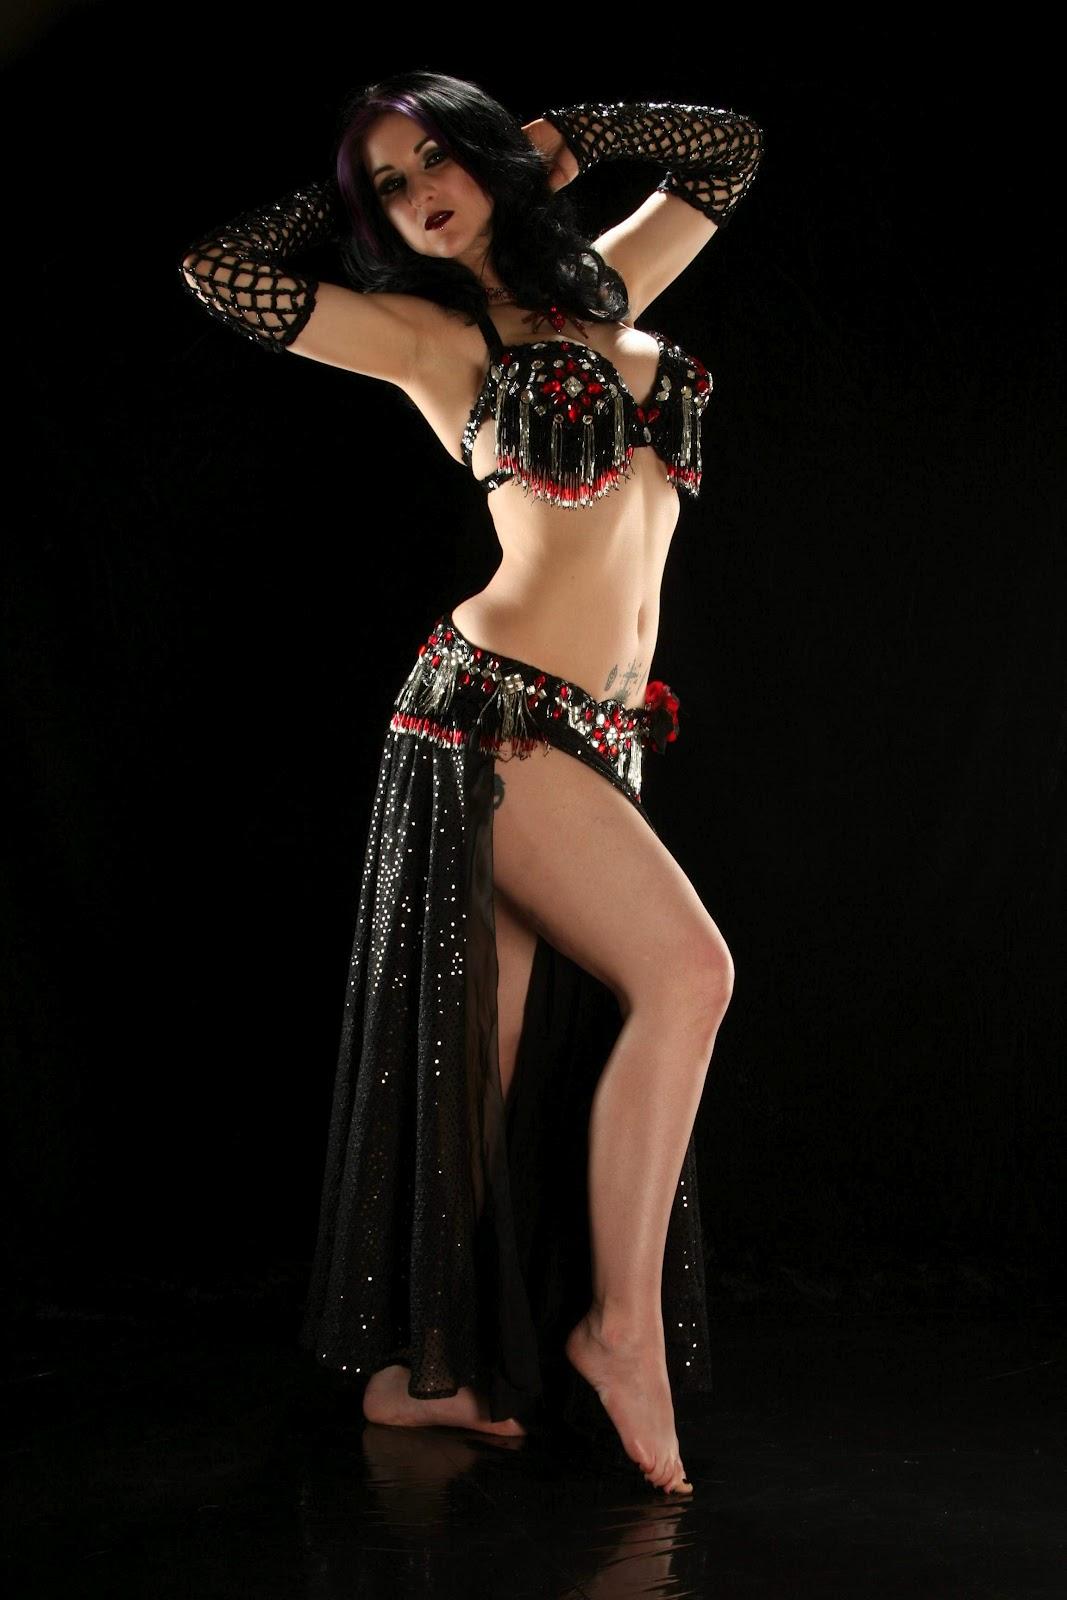 Arabic belle dance desert rose aka 3